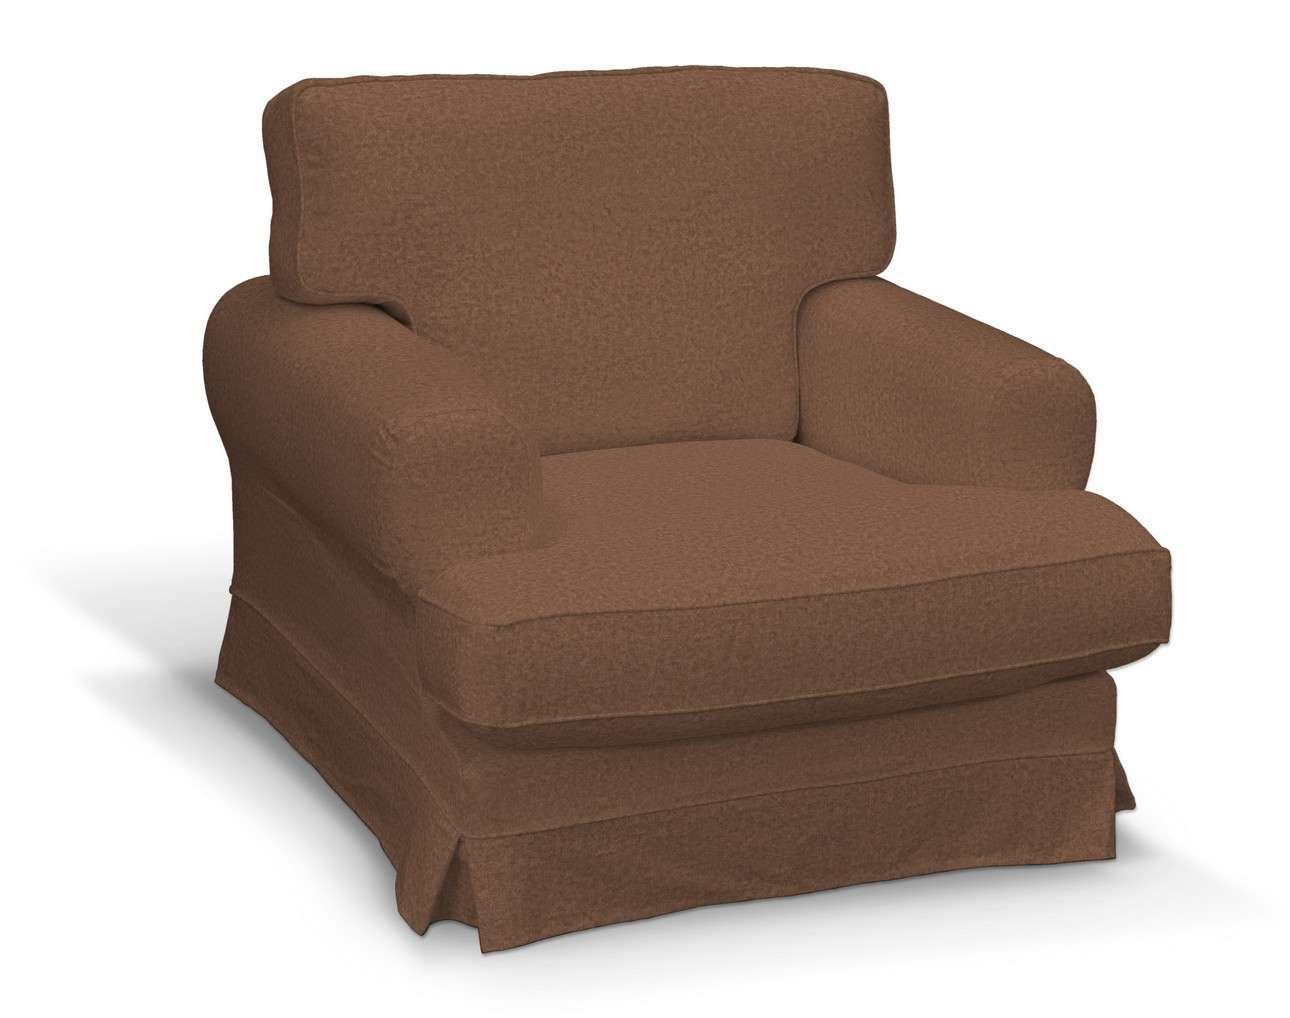 Pokrowiec na fotel Ekeskog w kolekcji Living, tkanina: 161-65